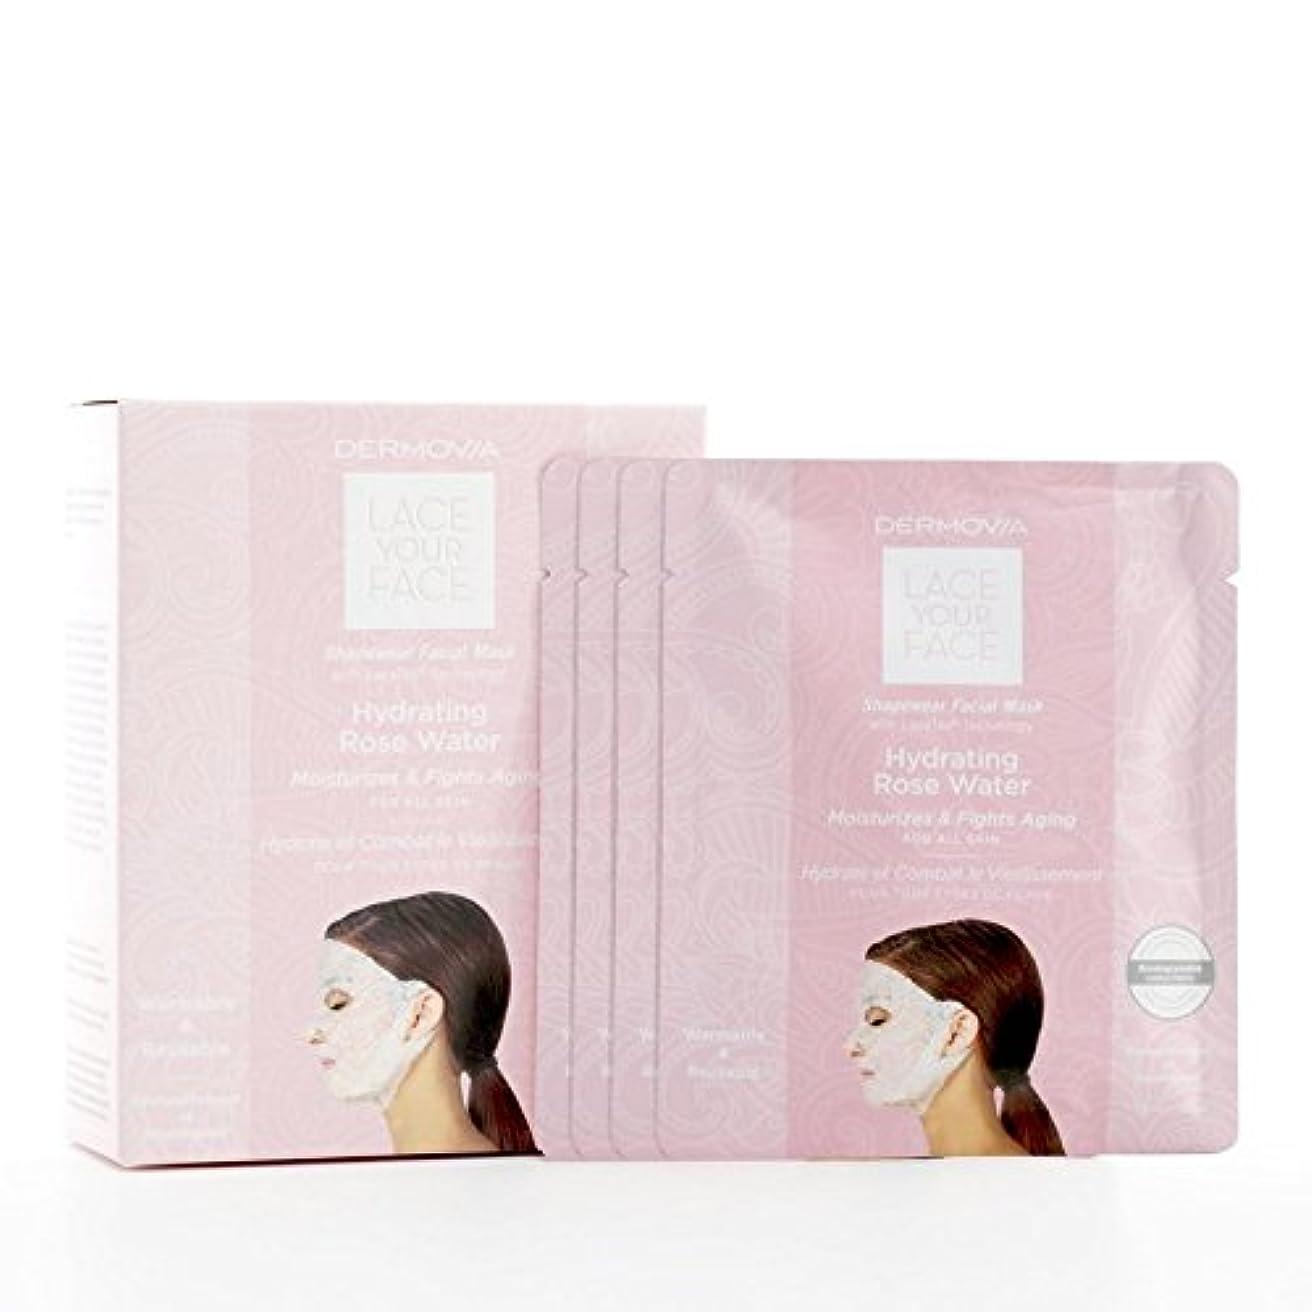 バーベキュー突撃帝国は、あなたの顔の圧縮フェイシャルマスク水和が水をバラレース x2 - Dermovia Lace Your Face Compression Facial Mask Hydrating Rose Water (Pack...